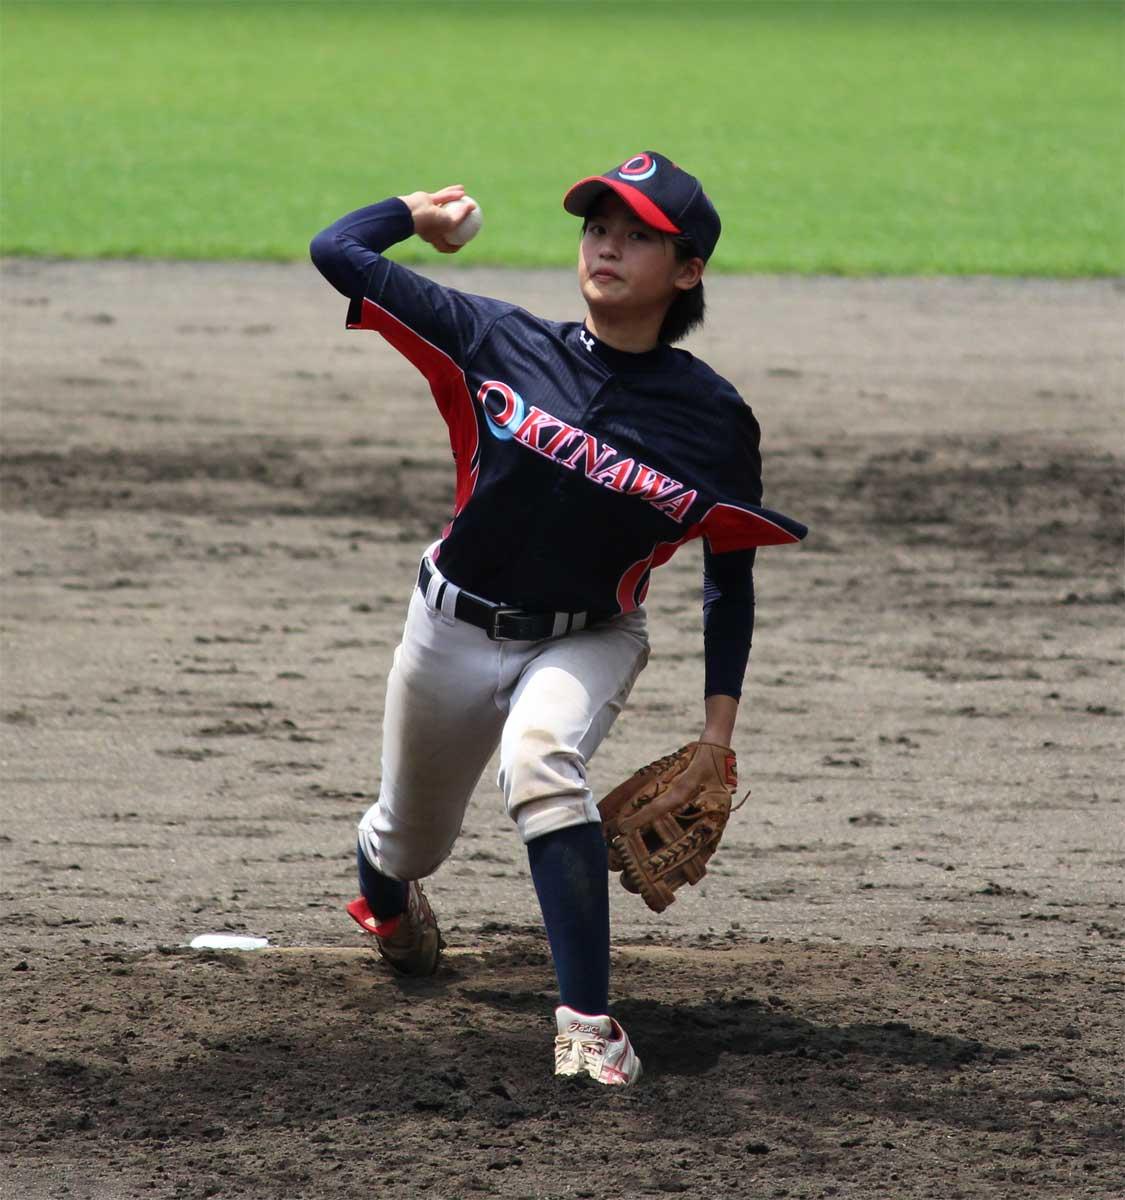 全日本大学軟式野球連盟 公式サイト - junbf.jp